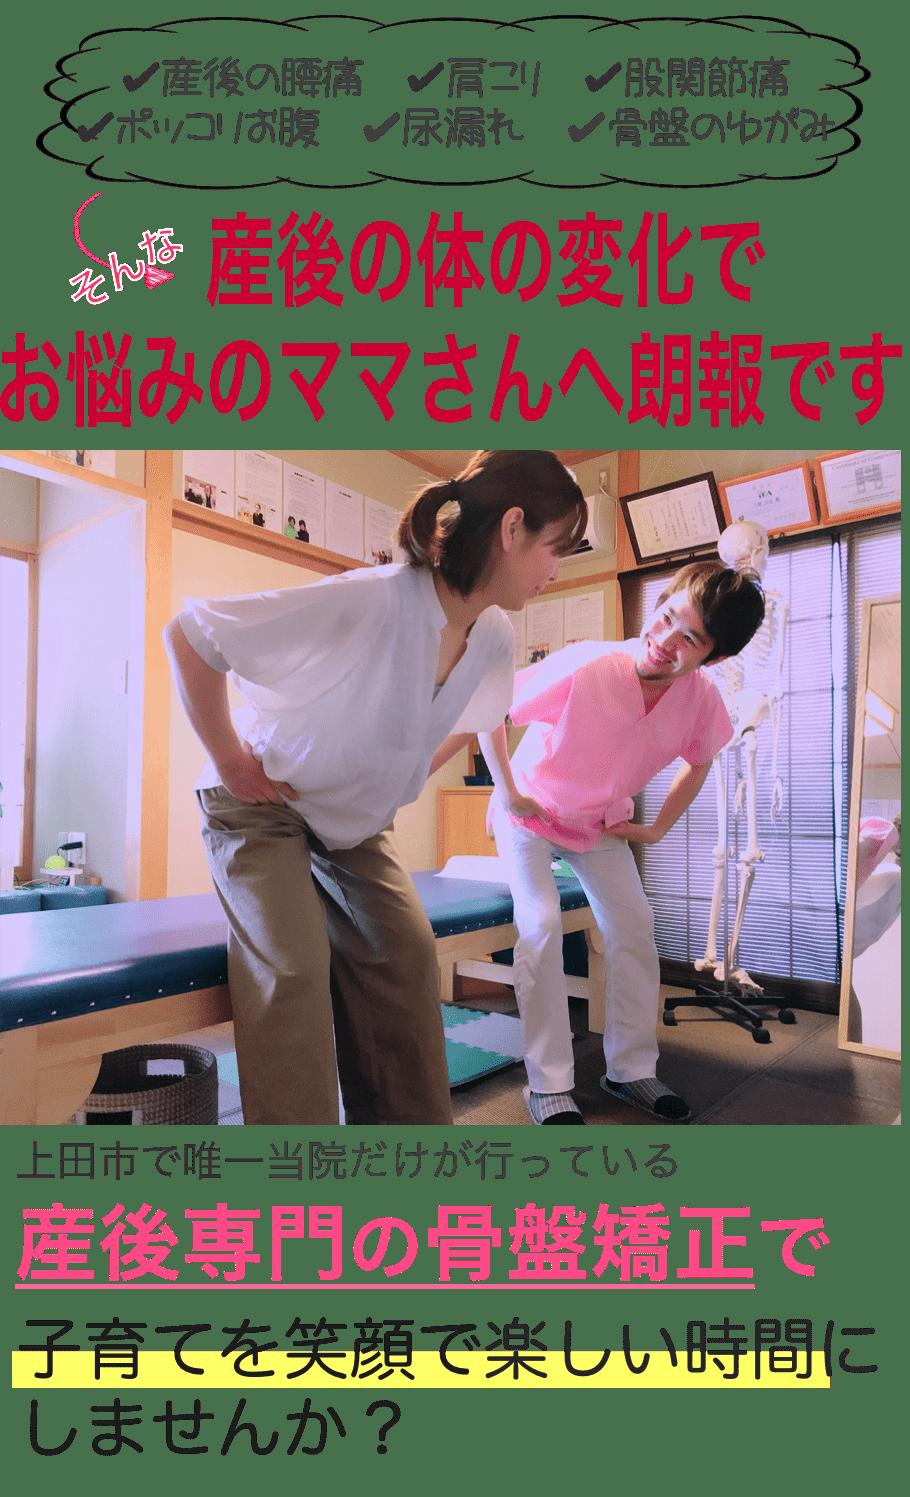 上田市 産後 骨盤矯正 専門 整体